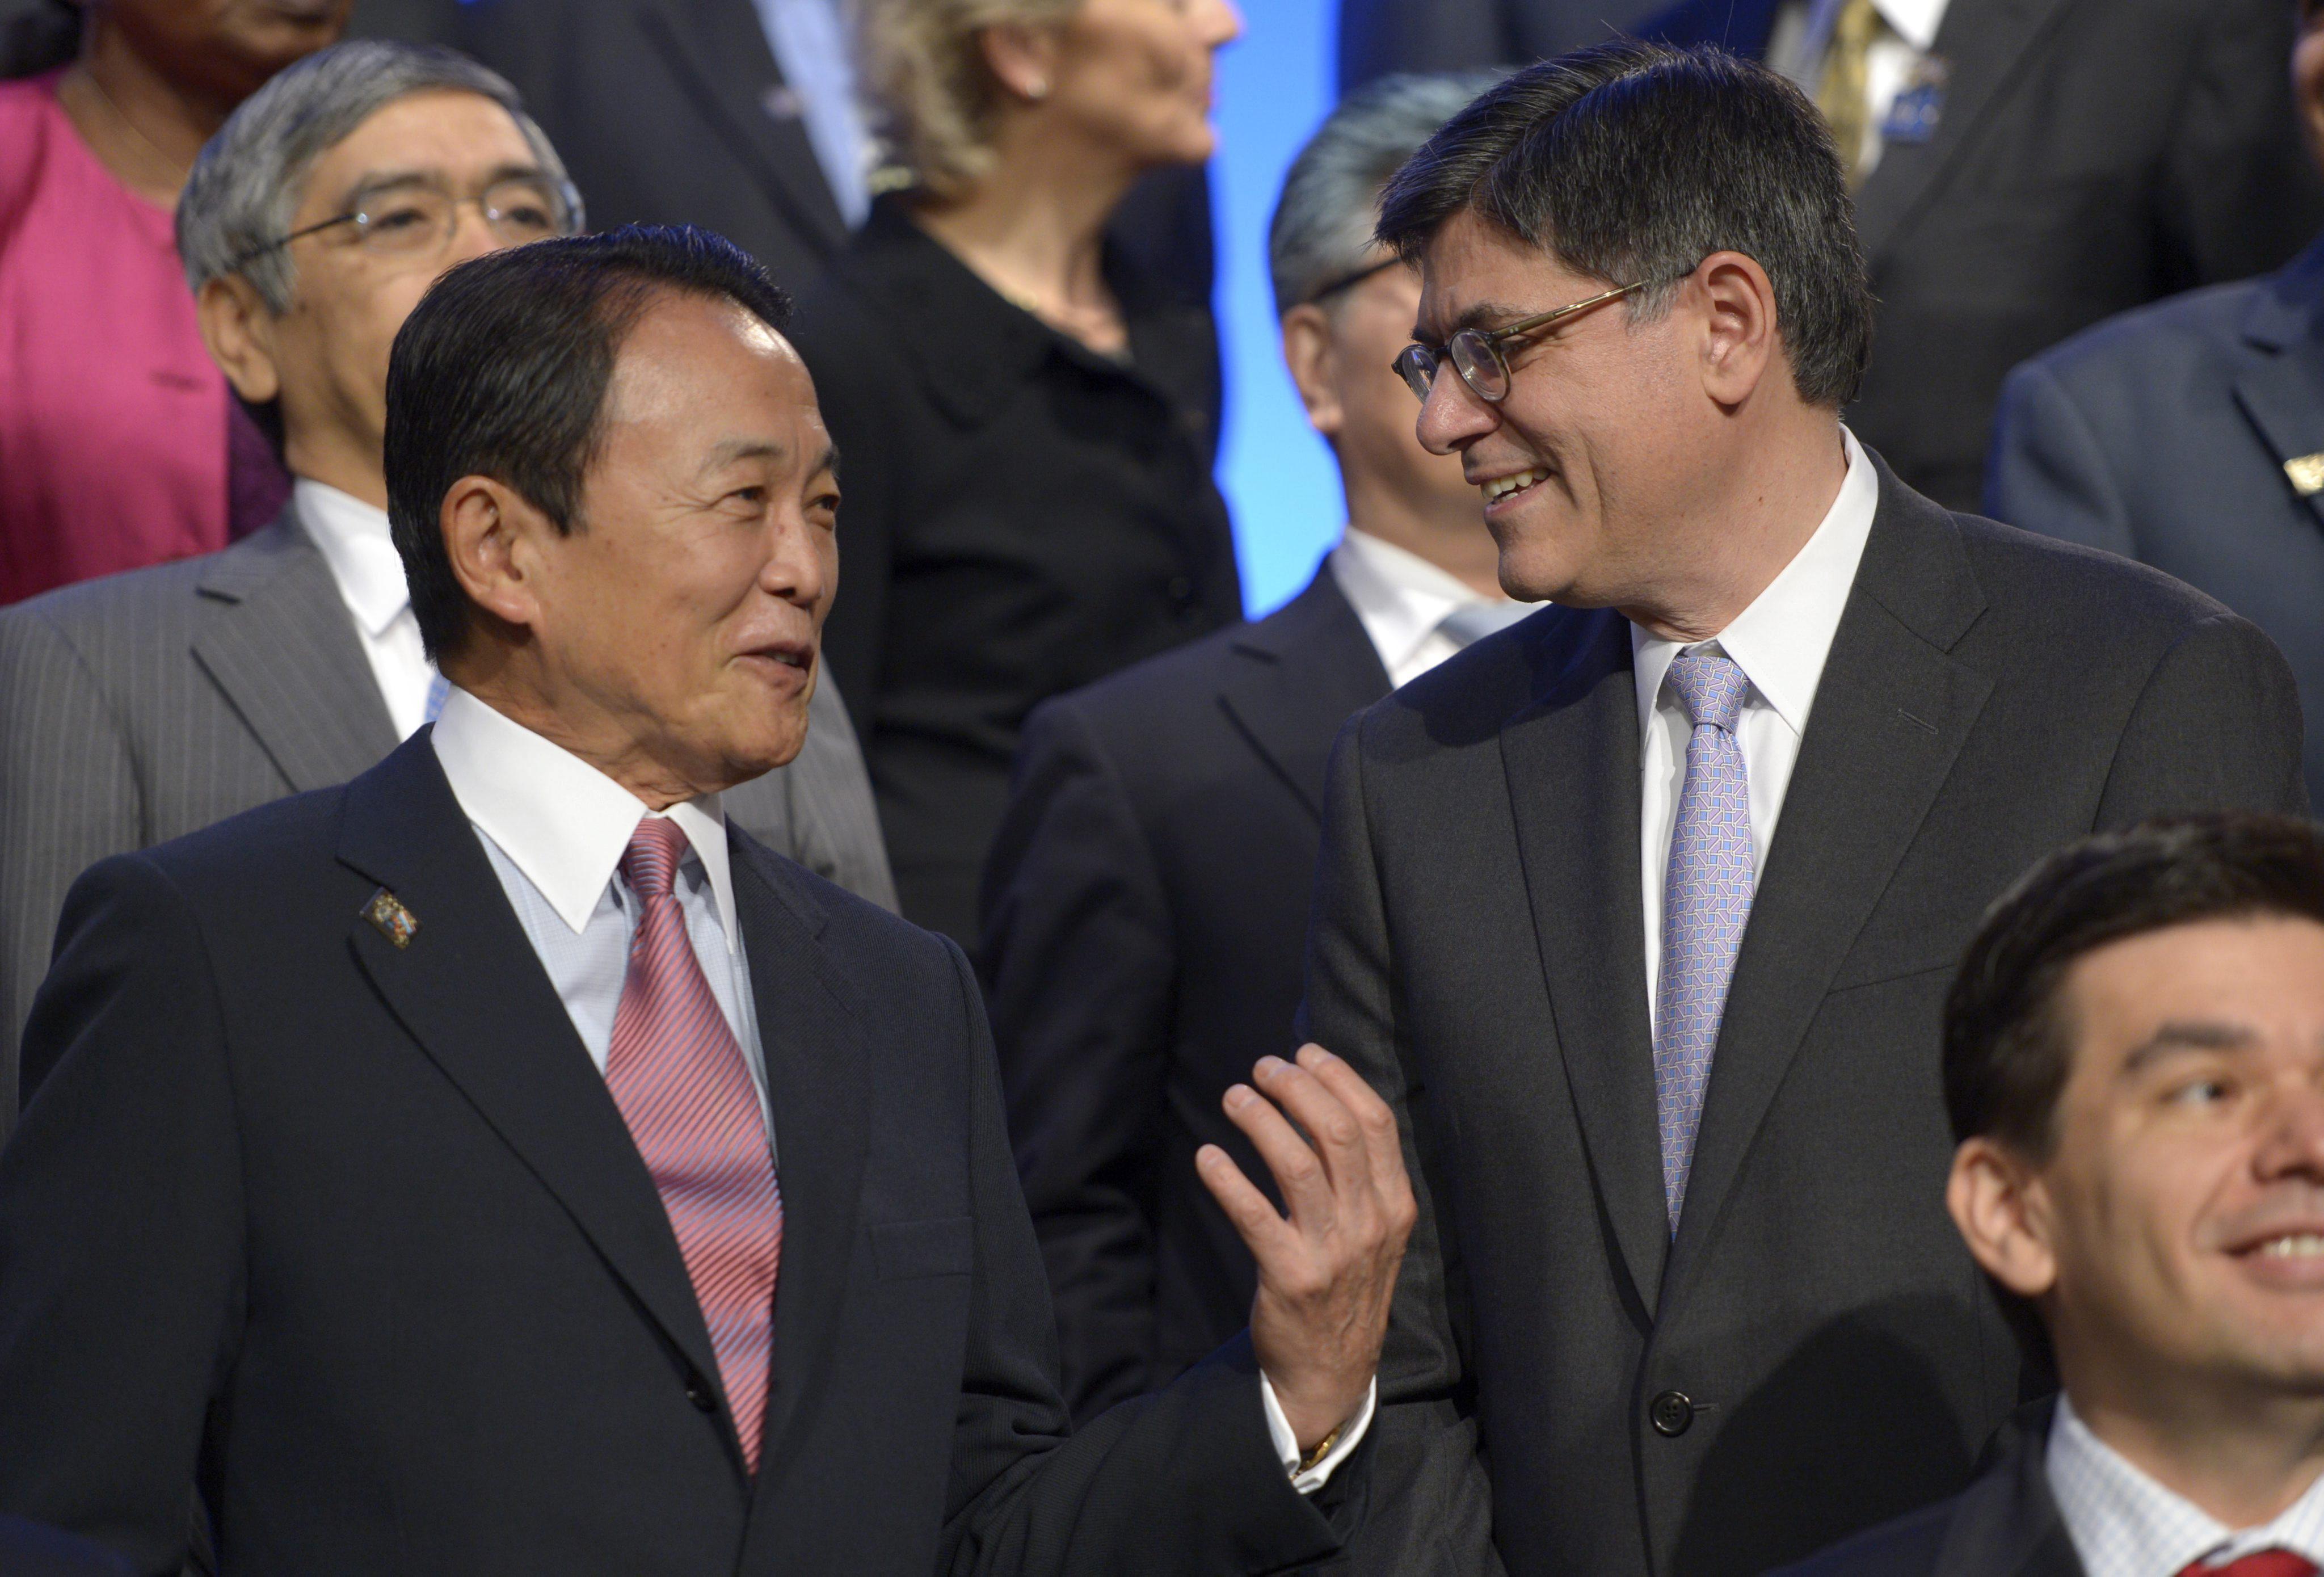 El G20 urge a Washington a actuar para evitar la suspensión de pagos